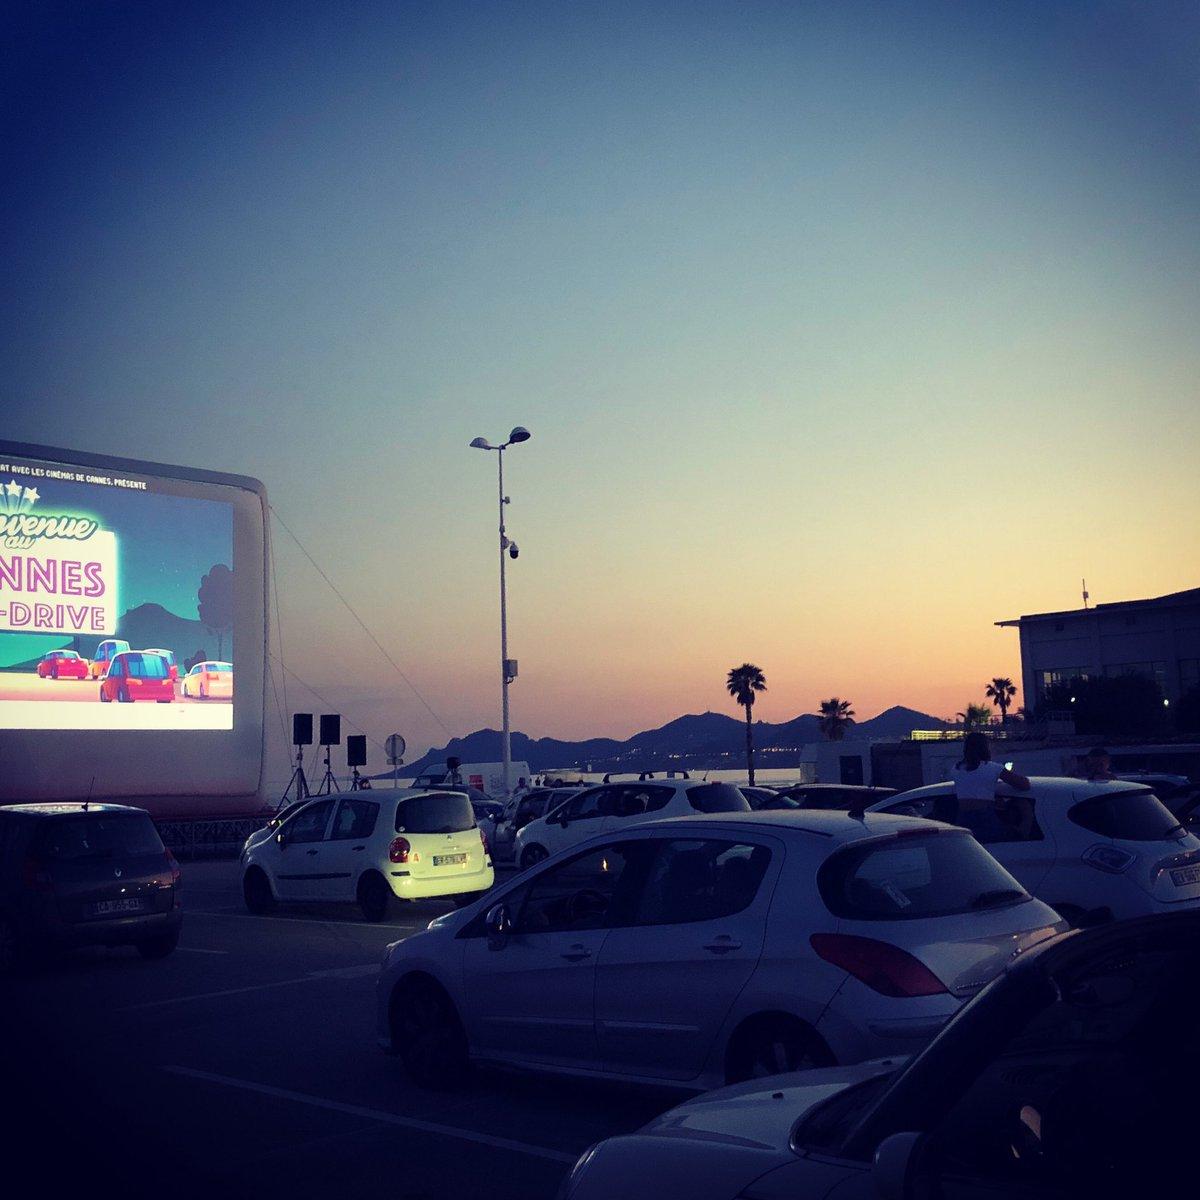 Cannes ciné drive, première, 🎬 #CannesNow